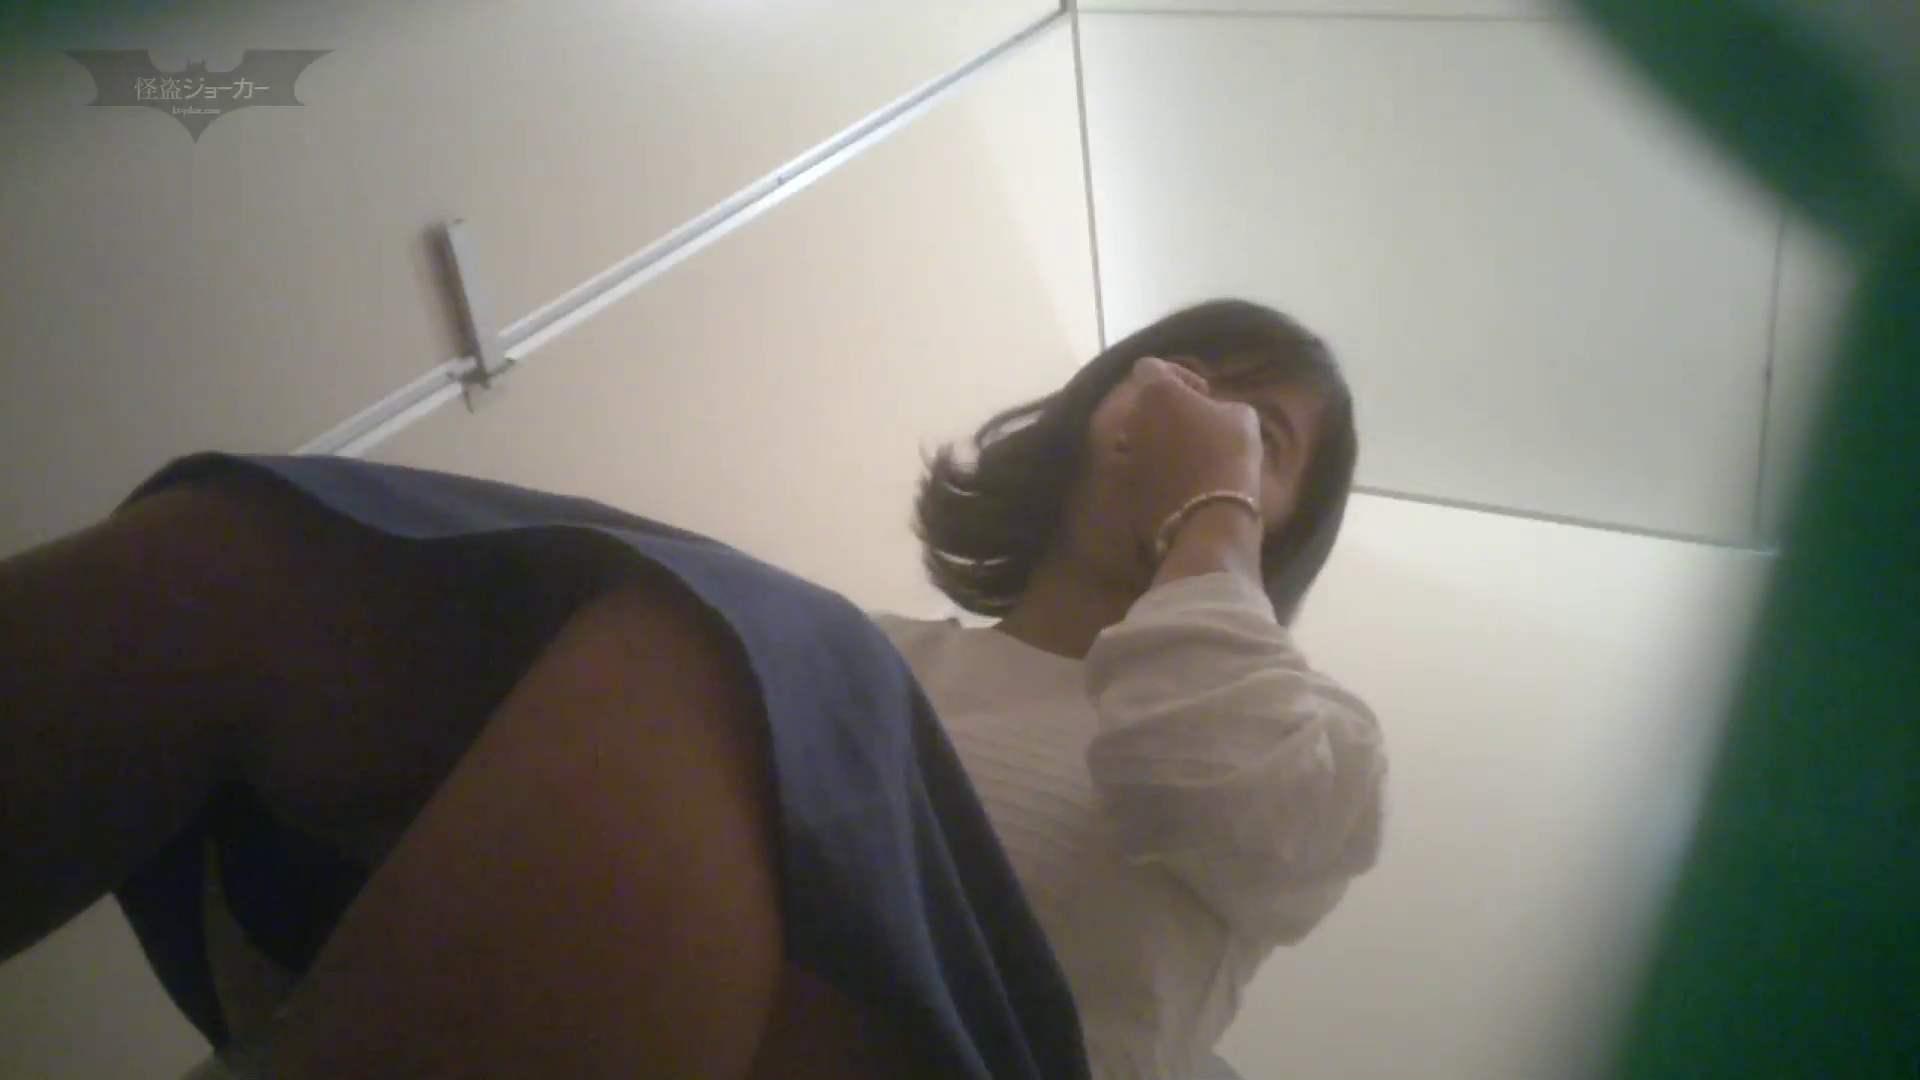 有名大学女性洗面所 vol.54 設置撮影最高峰!! 3視点でじっくり観察 丸見えマンコ   潜入  90画像 20